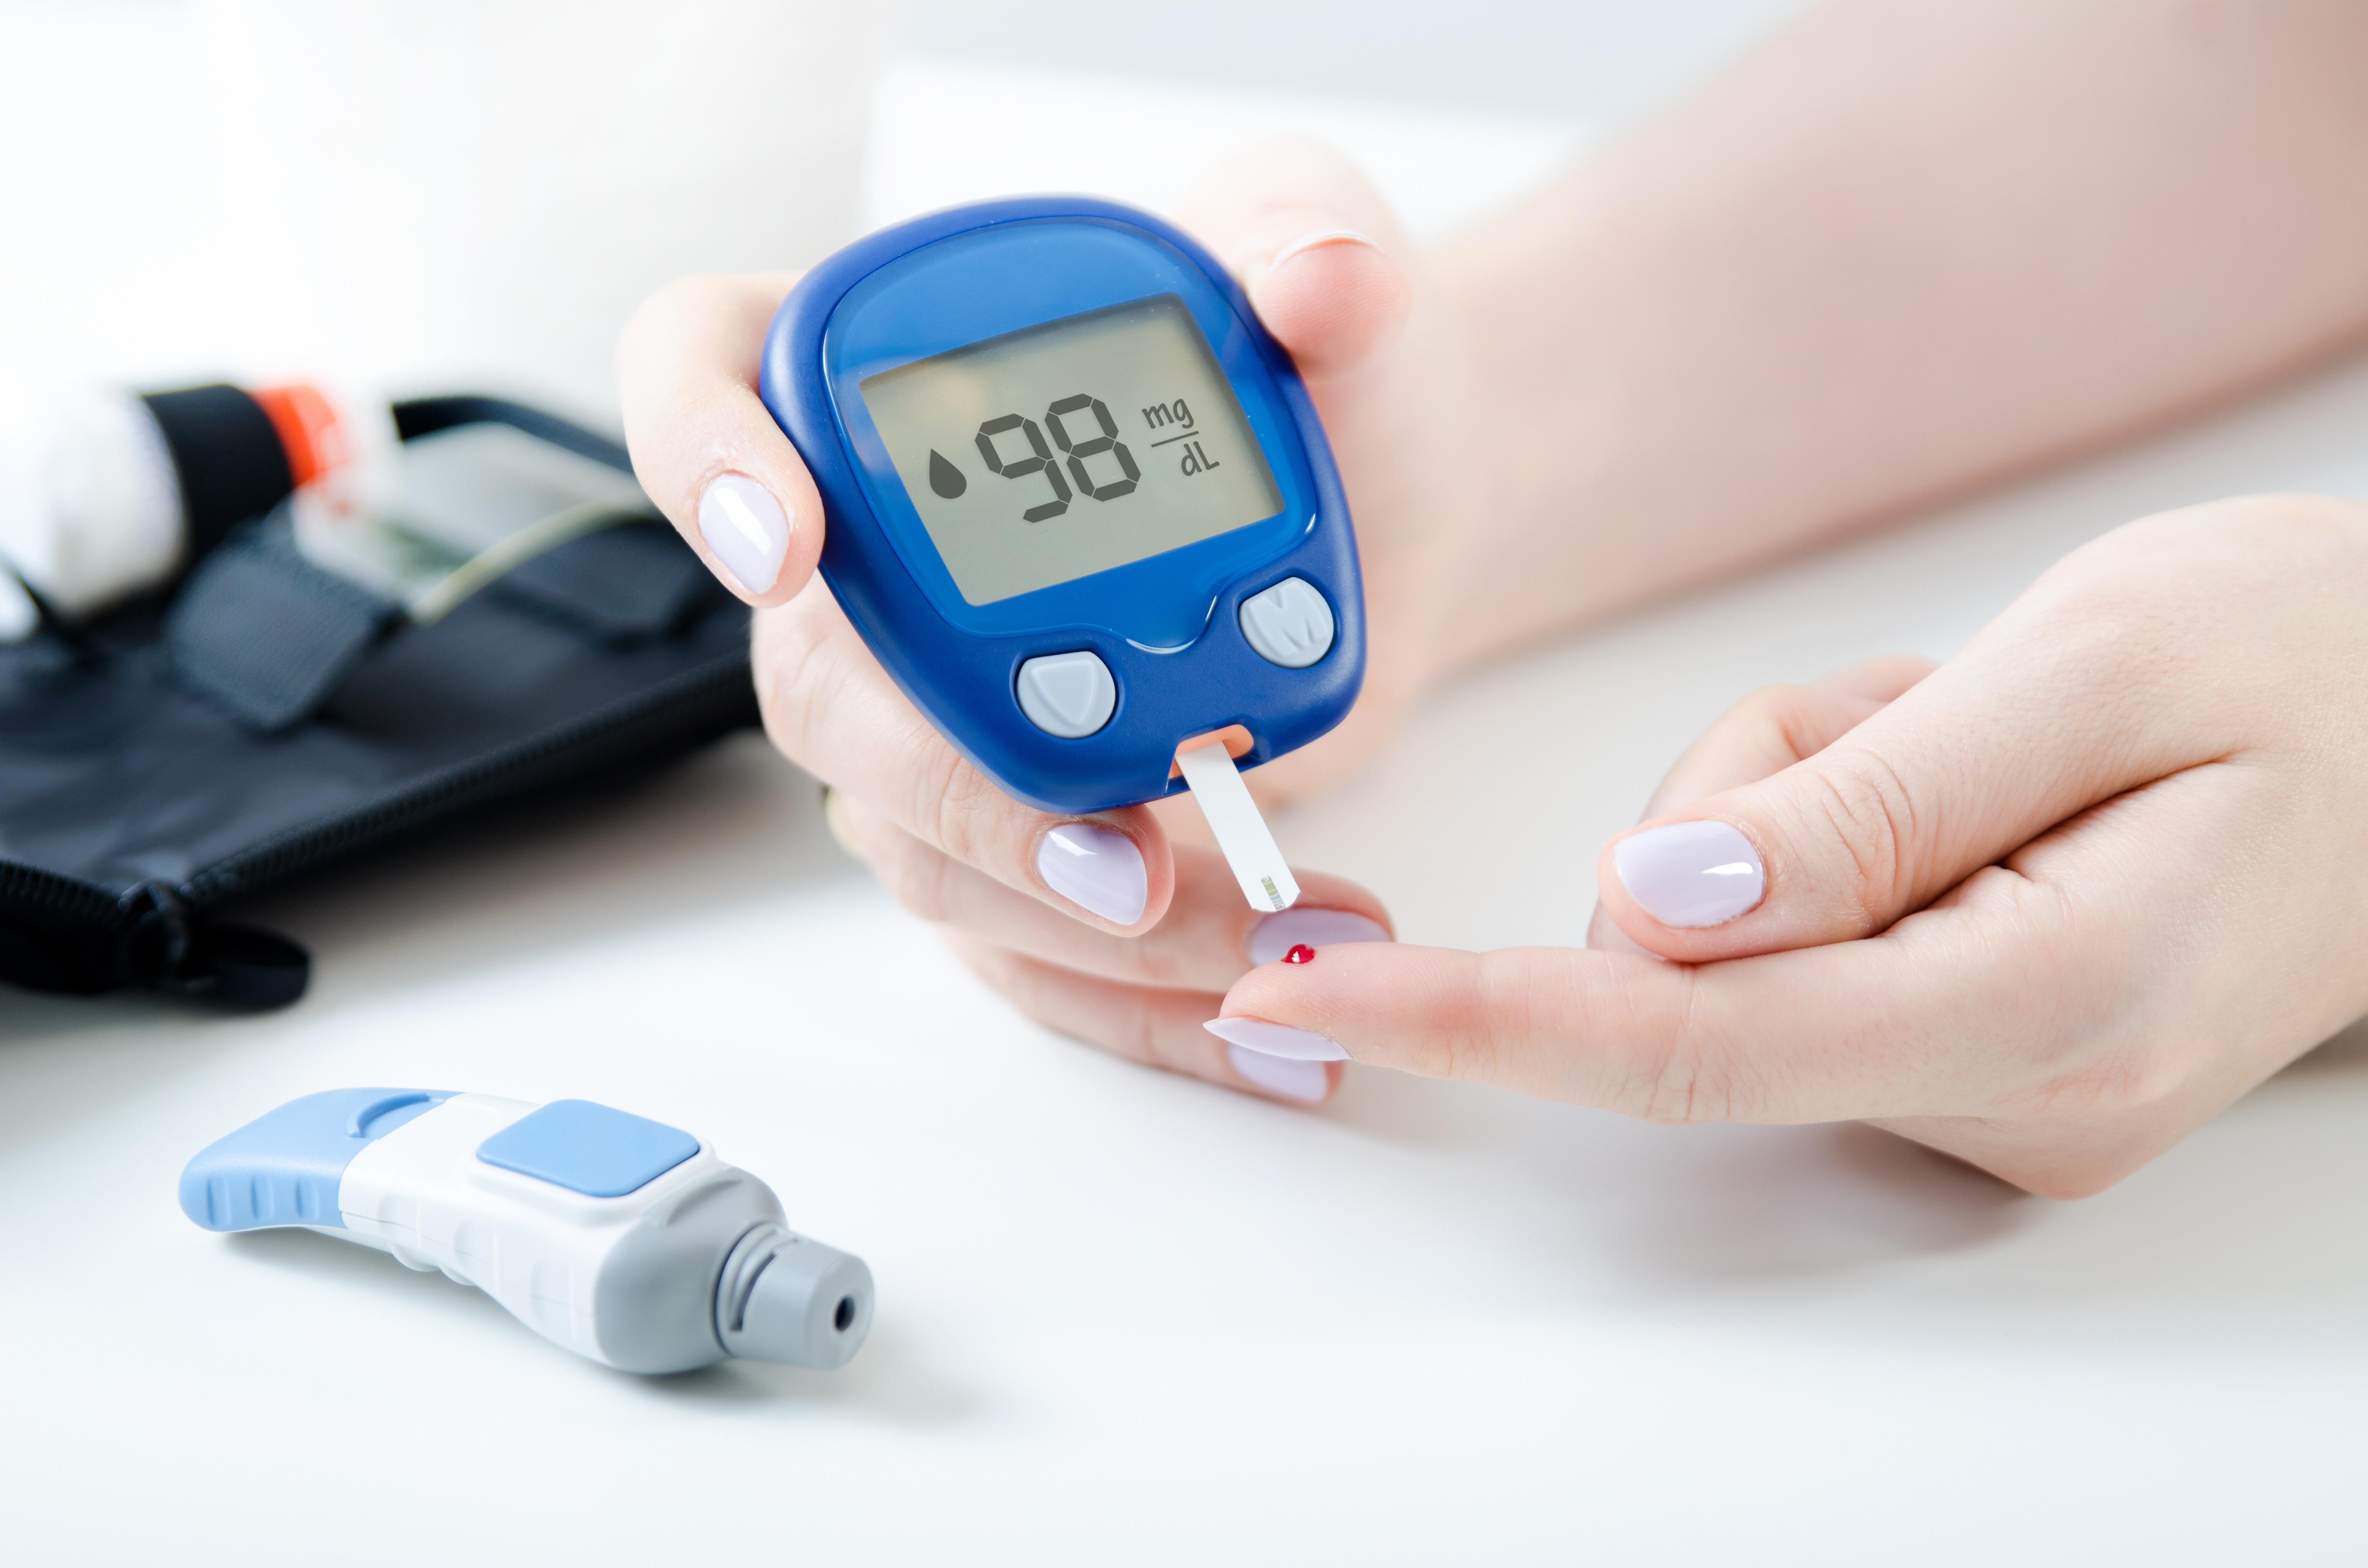 Diabetes erkennen: Blutzucker messen